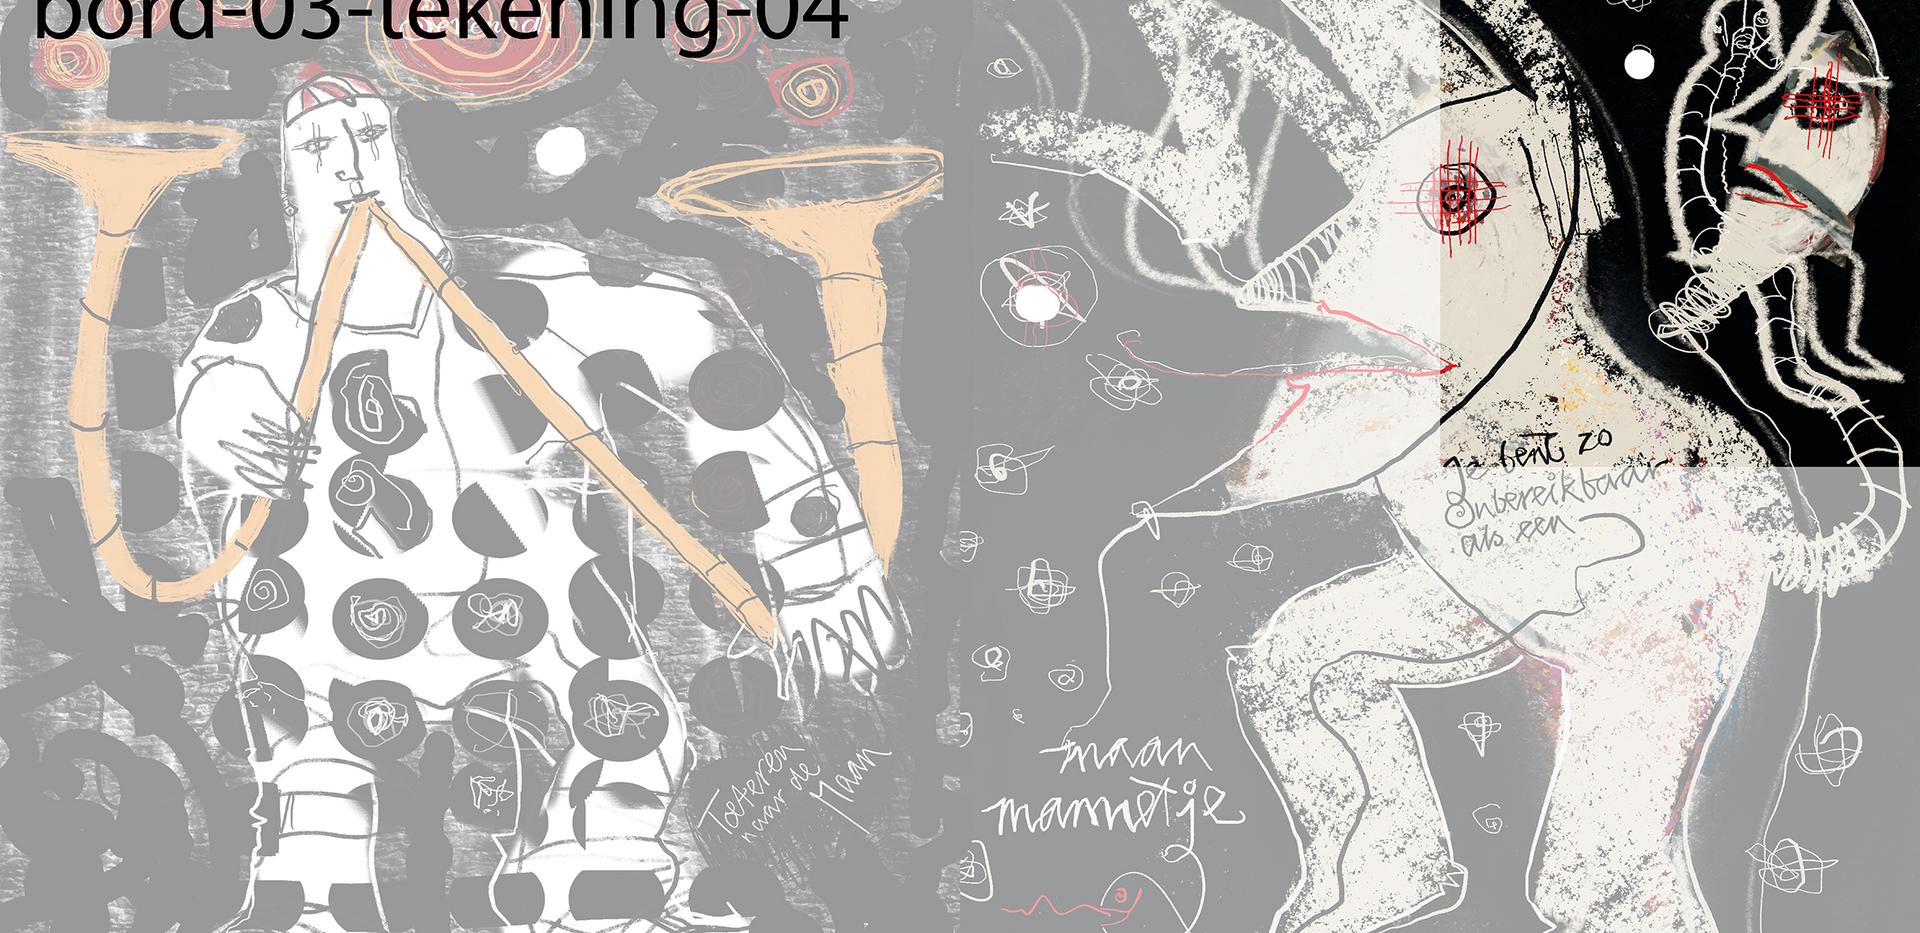 bord-03-tekening-04.png